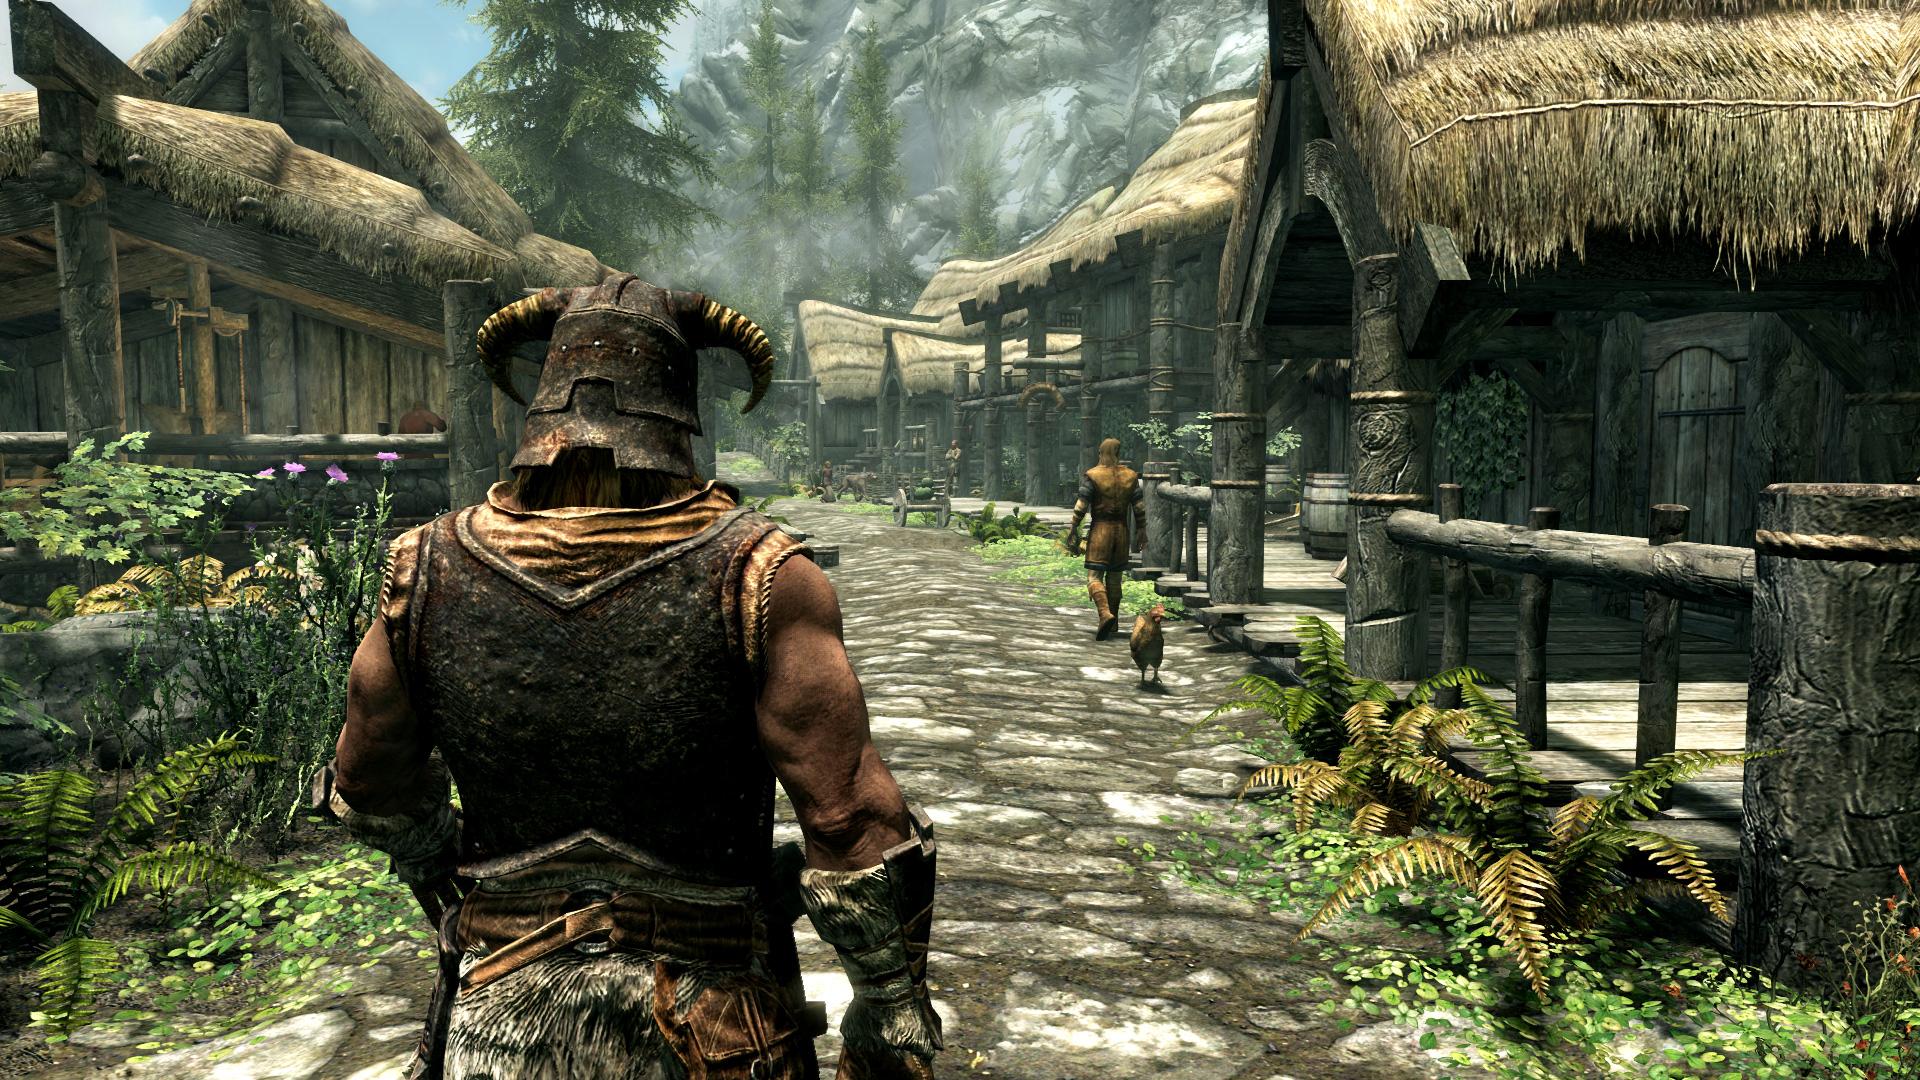 Screen przedstawiający bohatera w miasteczku w grze TES V: Skyrim